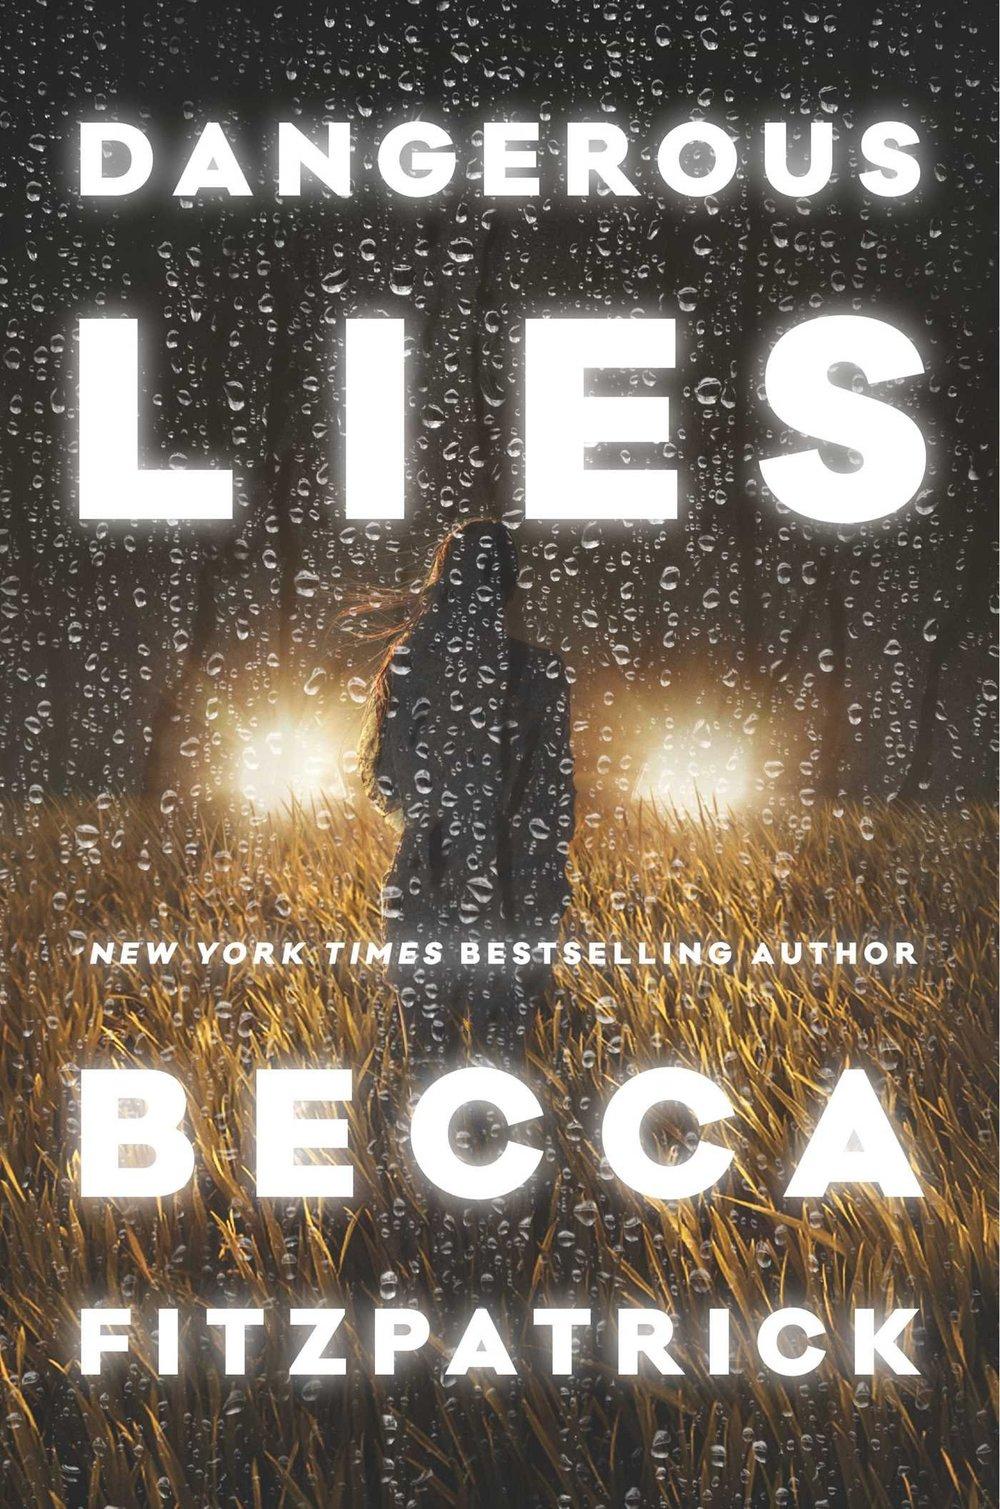 Dangerous Lies - by Becca Fitzpatrick